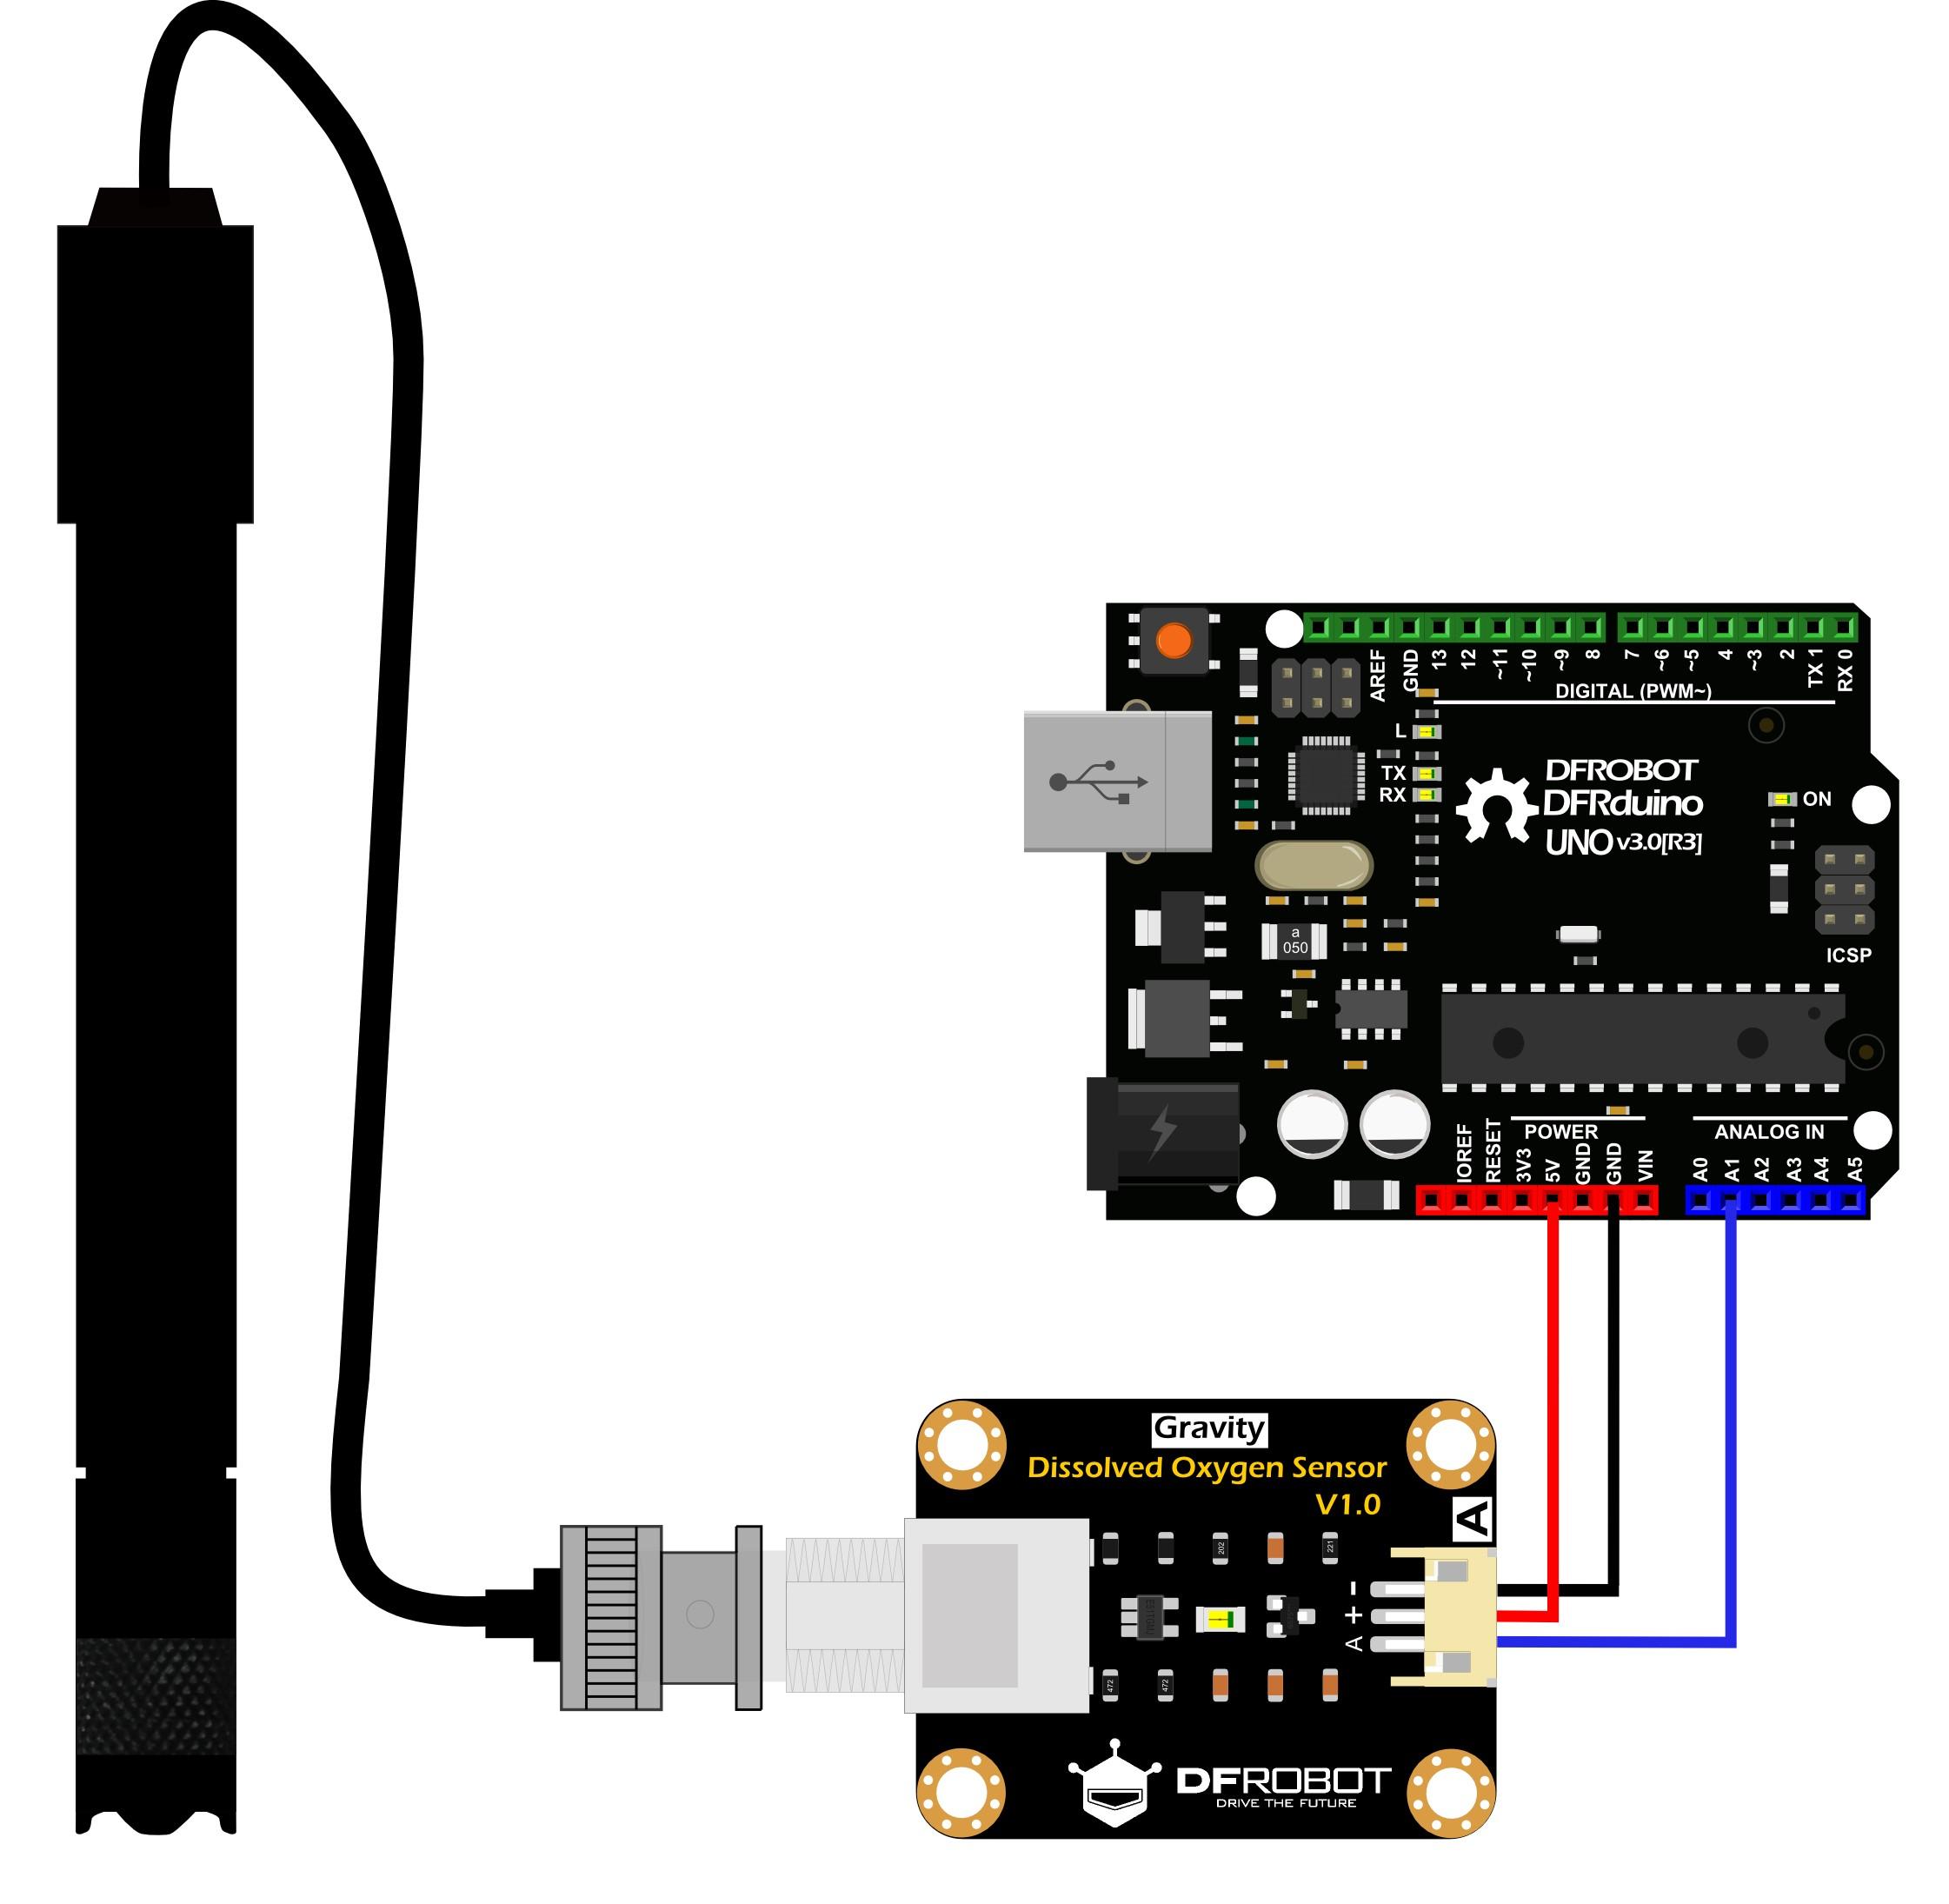 Chemical : Analog Dissolved Oxygen Sensor Meter Kit For